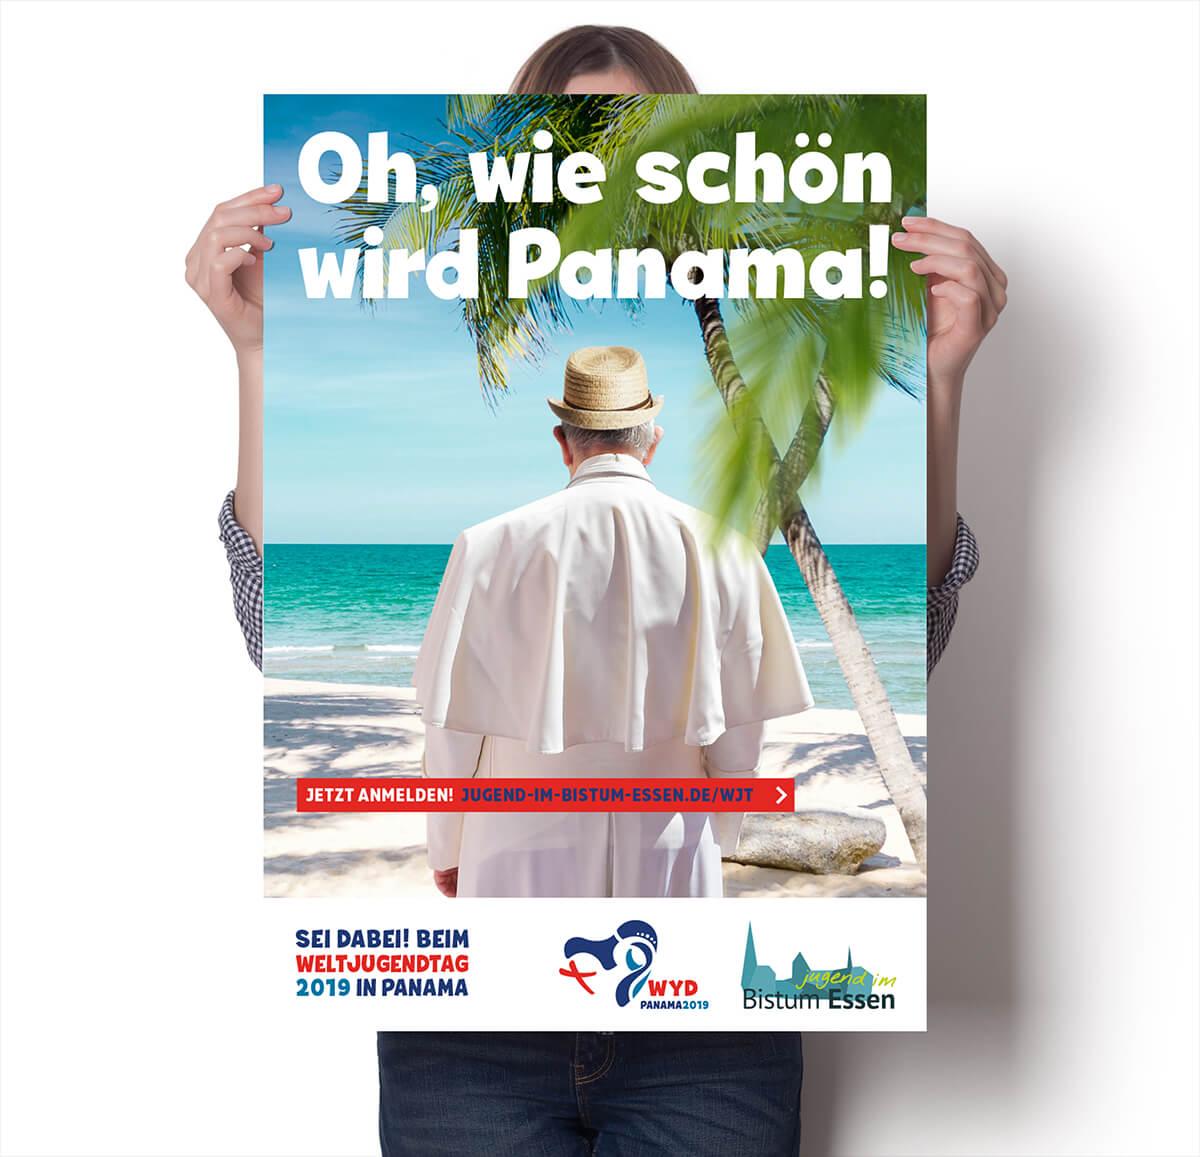 Plakat für das Bistum Essen zum Weltjugendtag